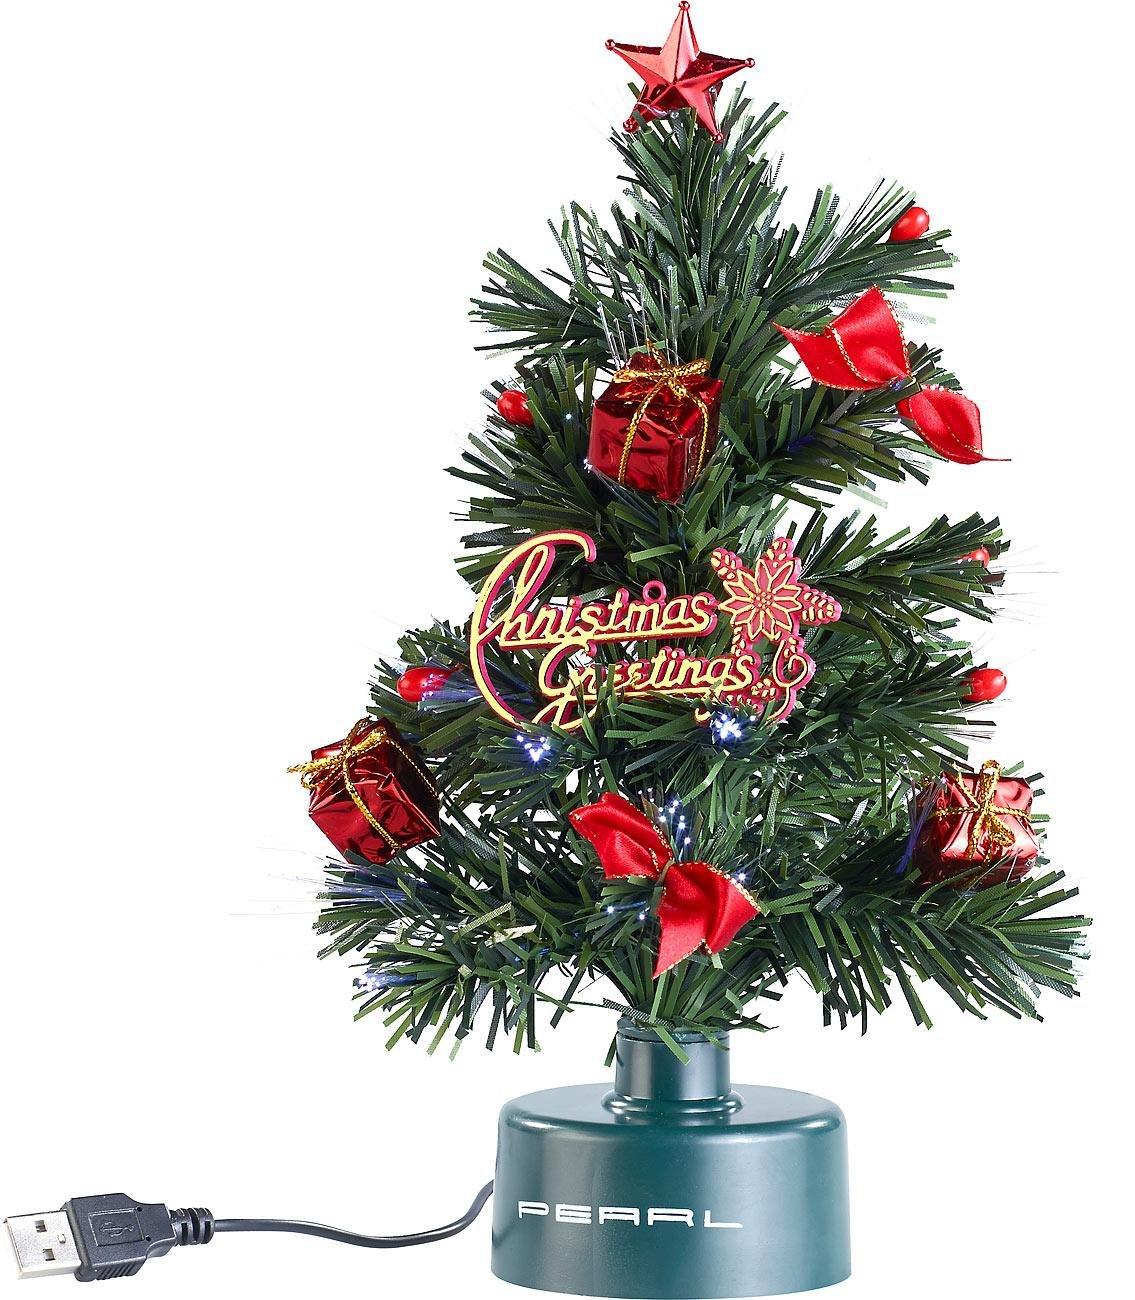 Mini Weihnachtsbaum Mit Batterie.Usb Weihnachtsbaum